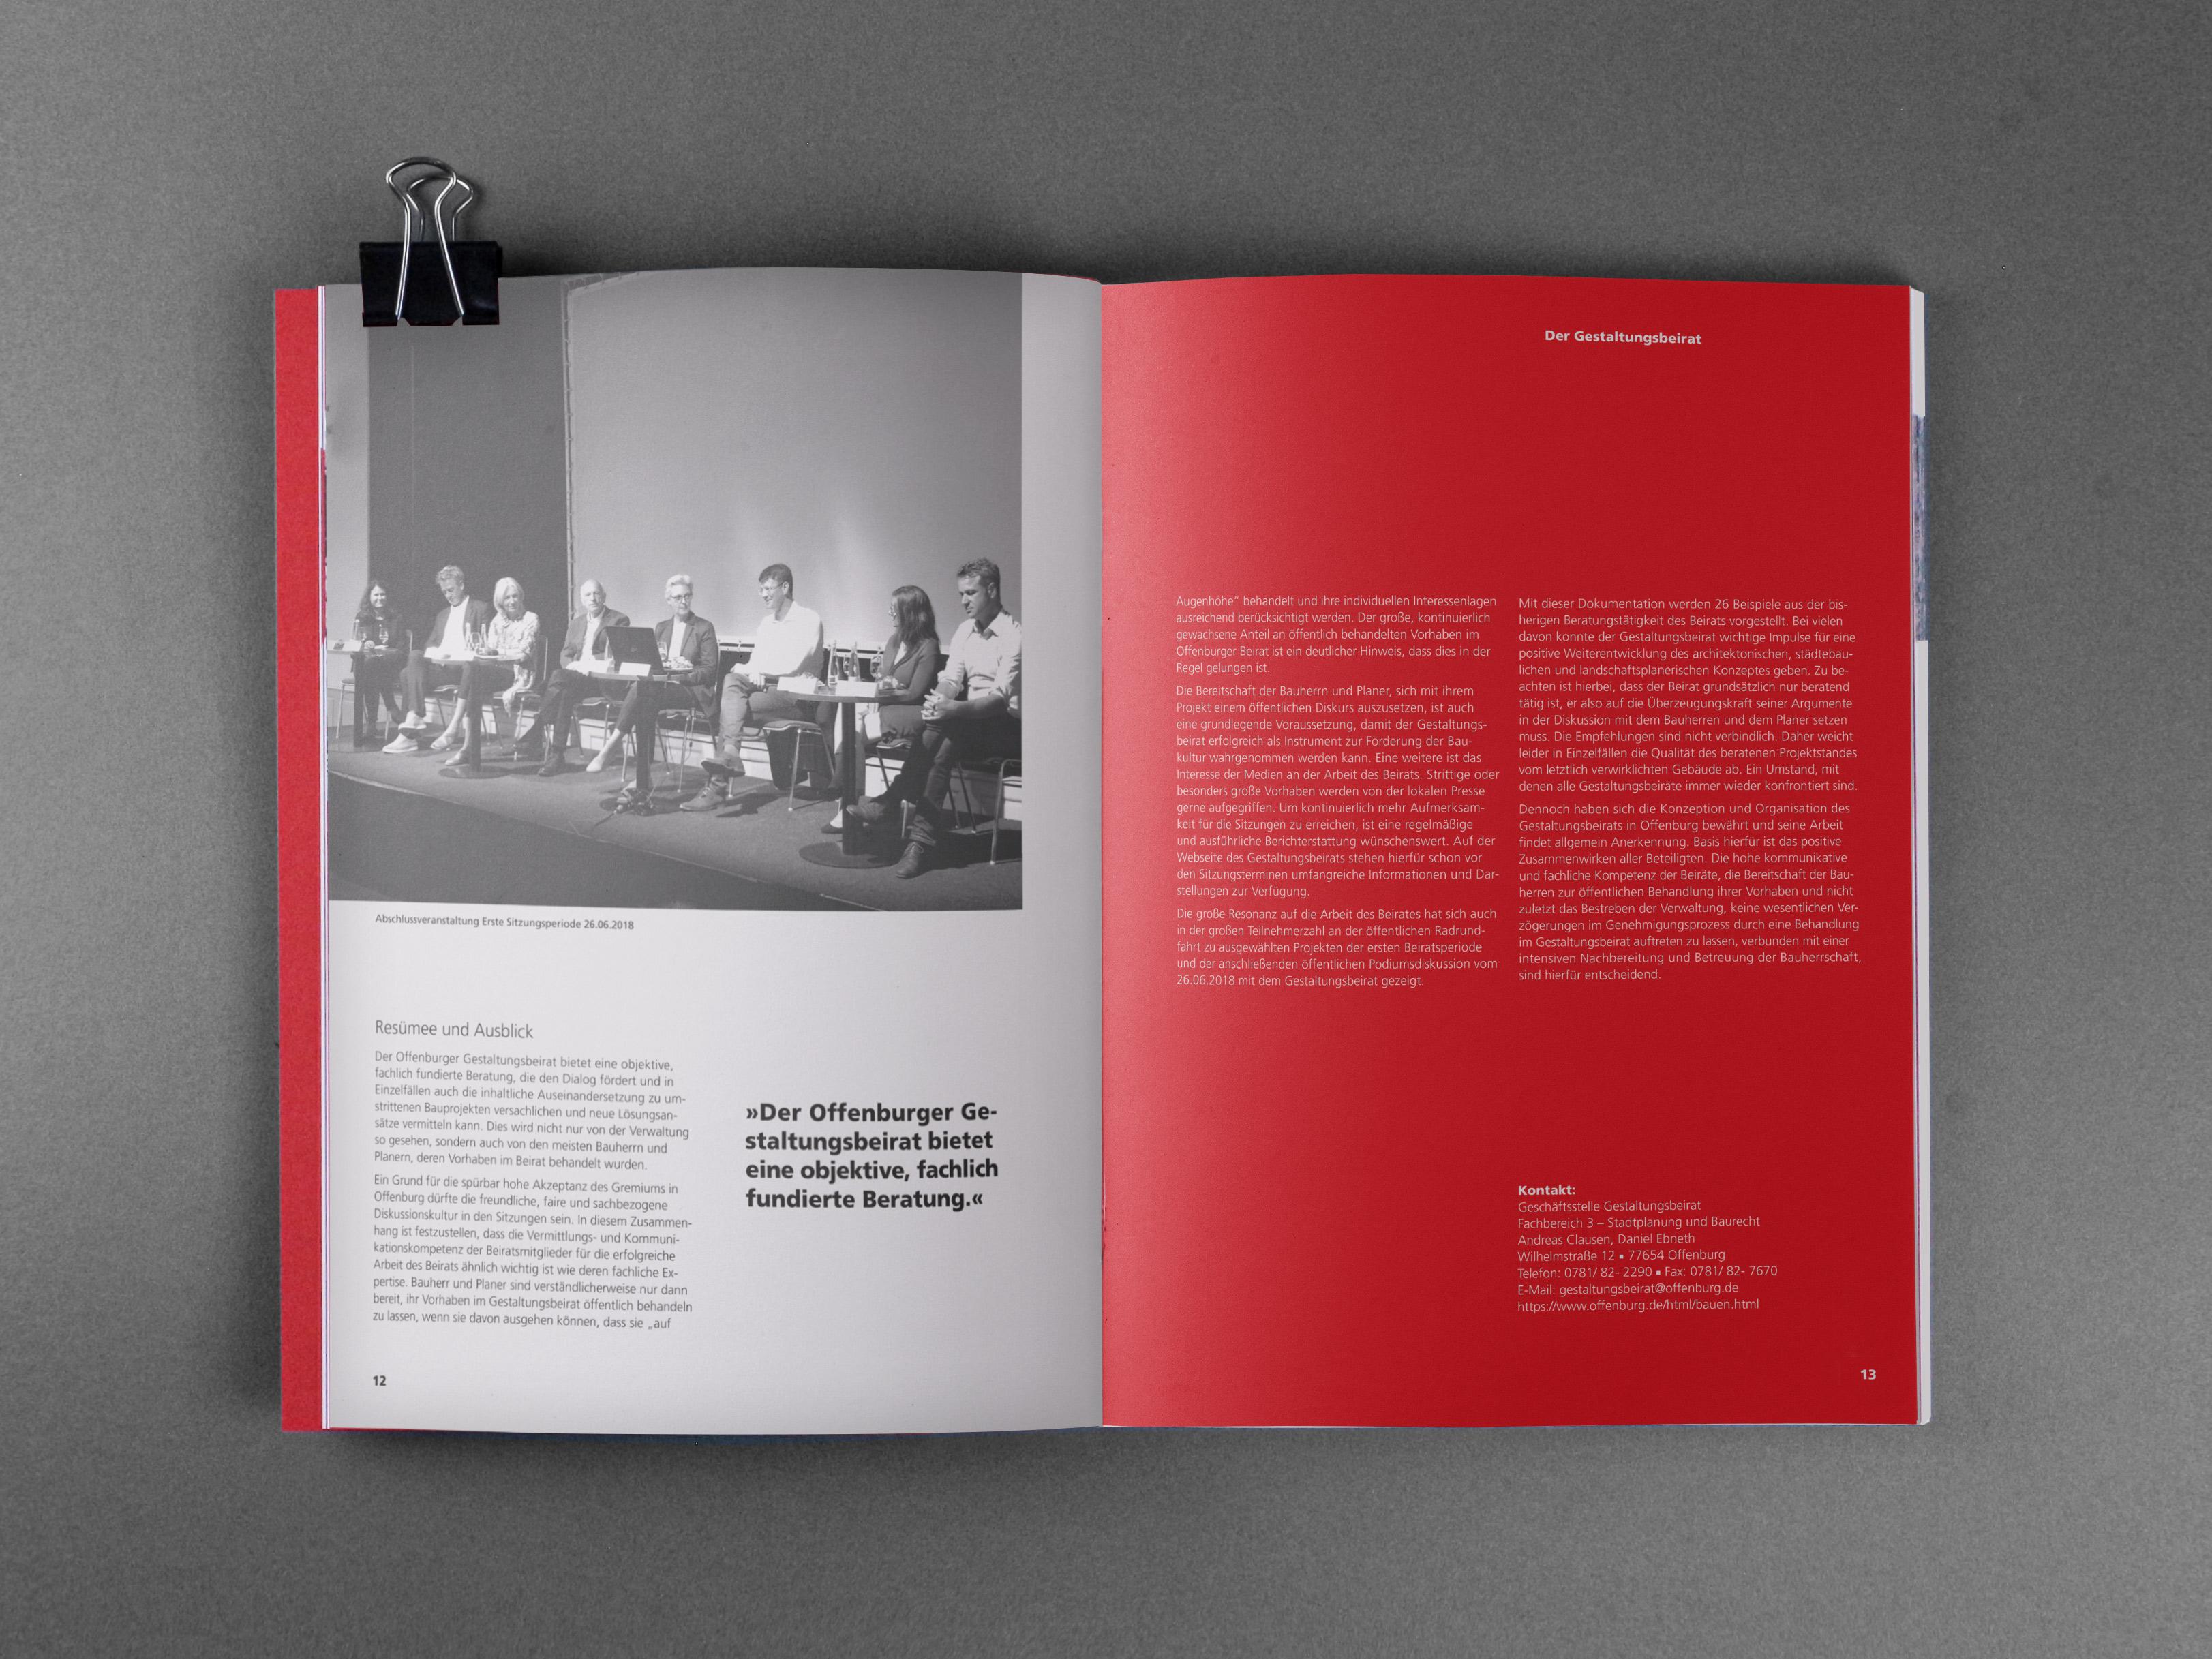 4DMBO-Studio-für-Gestaltung-Gestaltungsbeirat-offenburg-germany-design